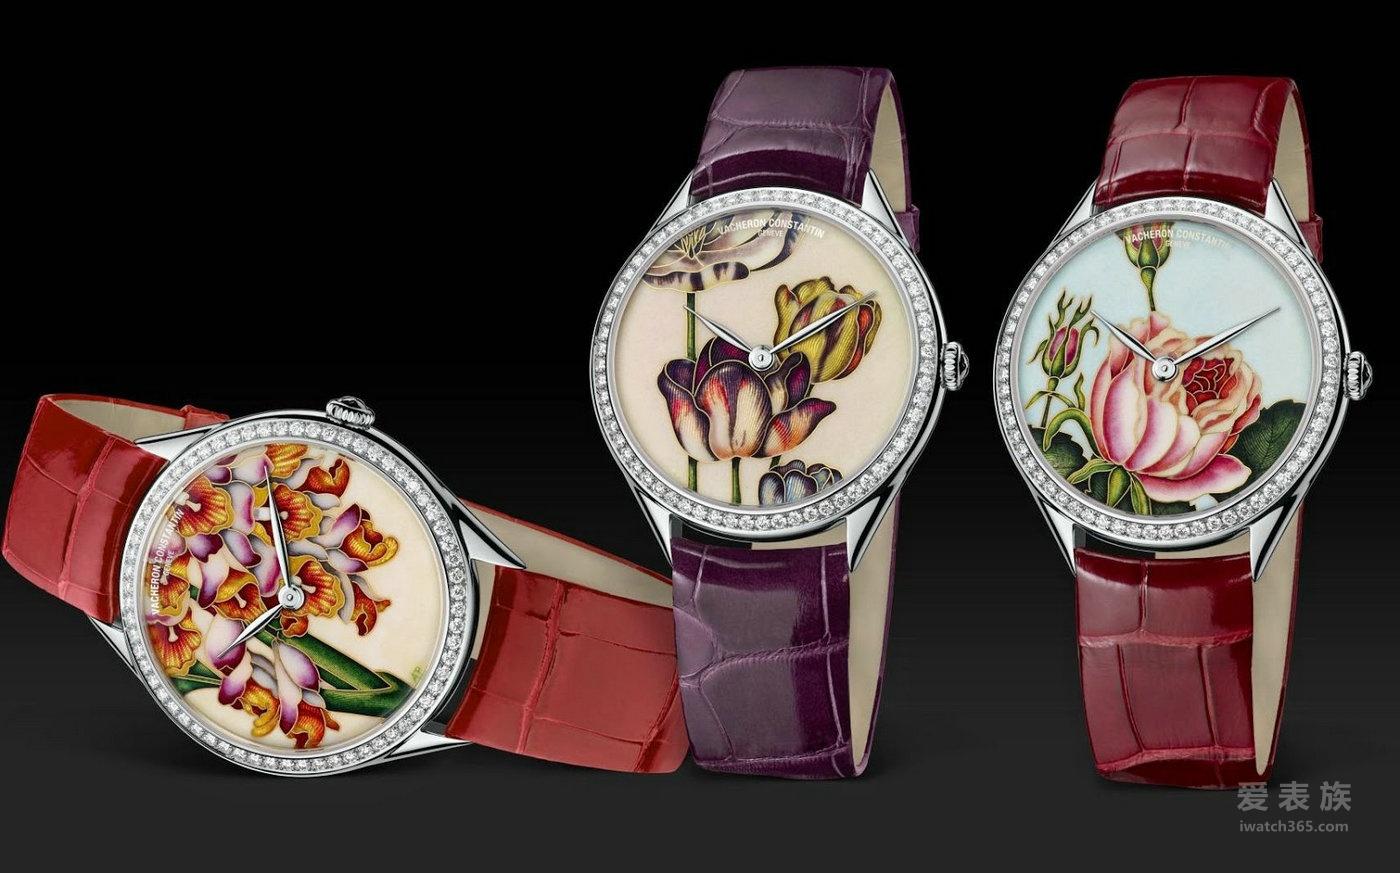 江诗丹顿艺术大师系列圣母百合高级珠宝腕表82650/000G-9853